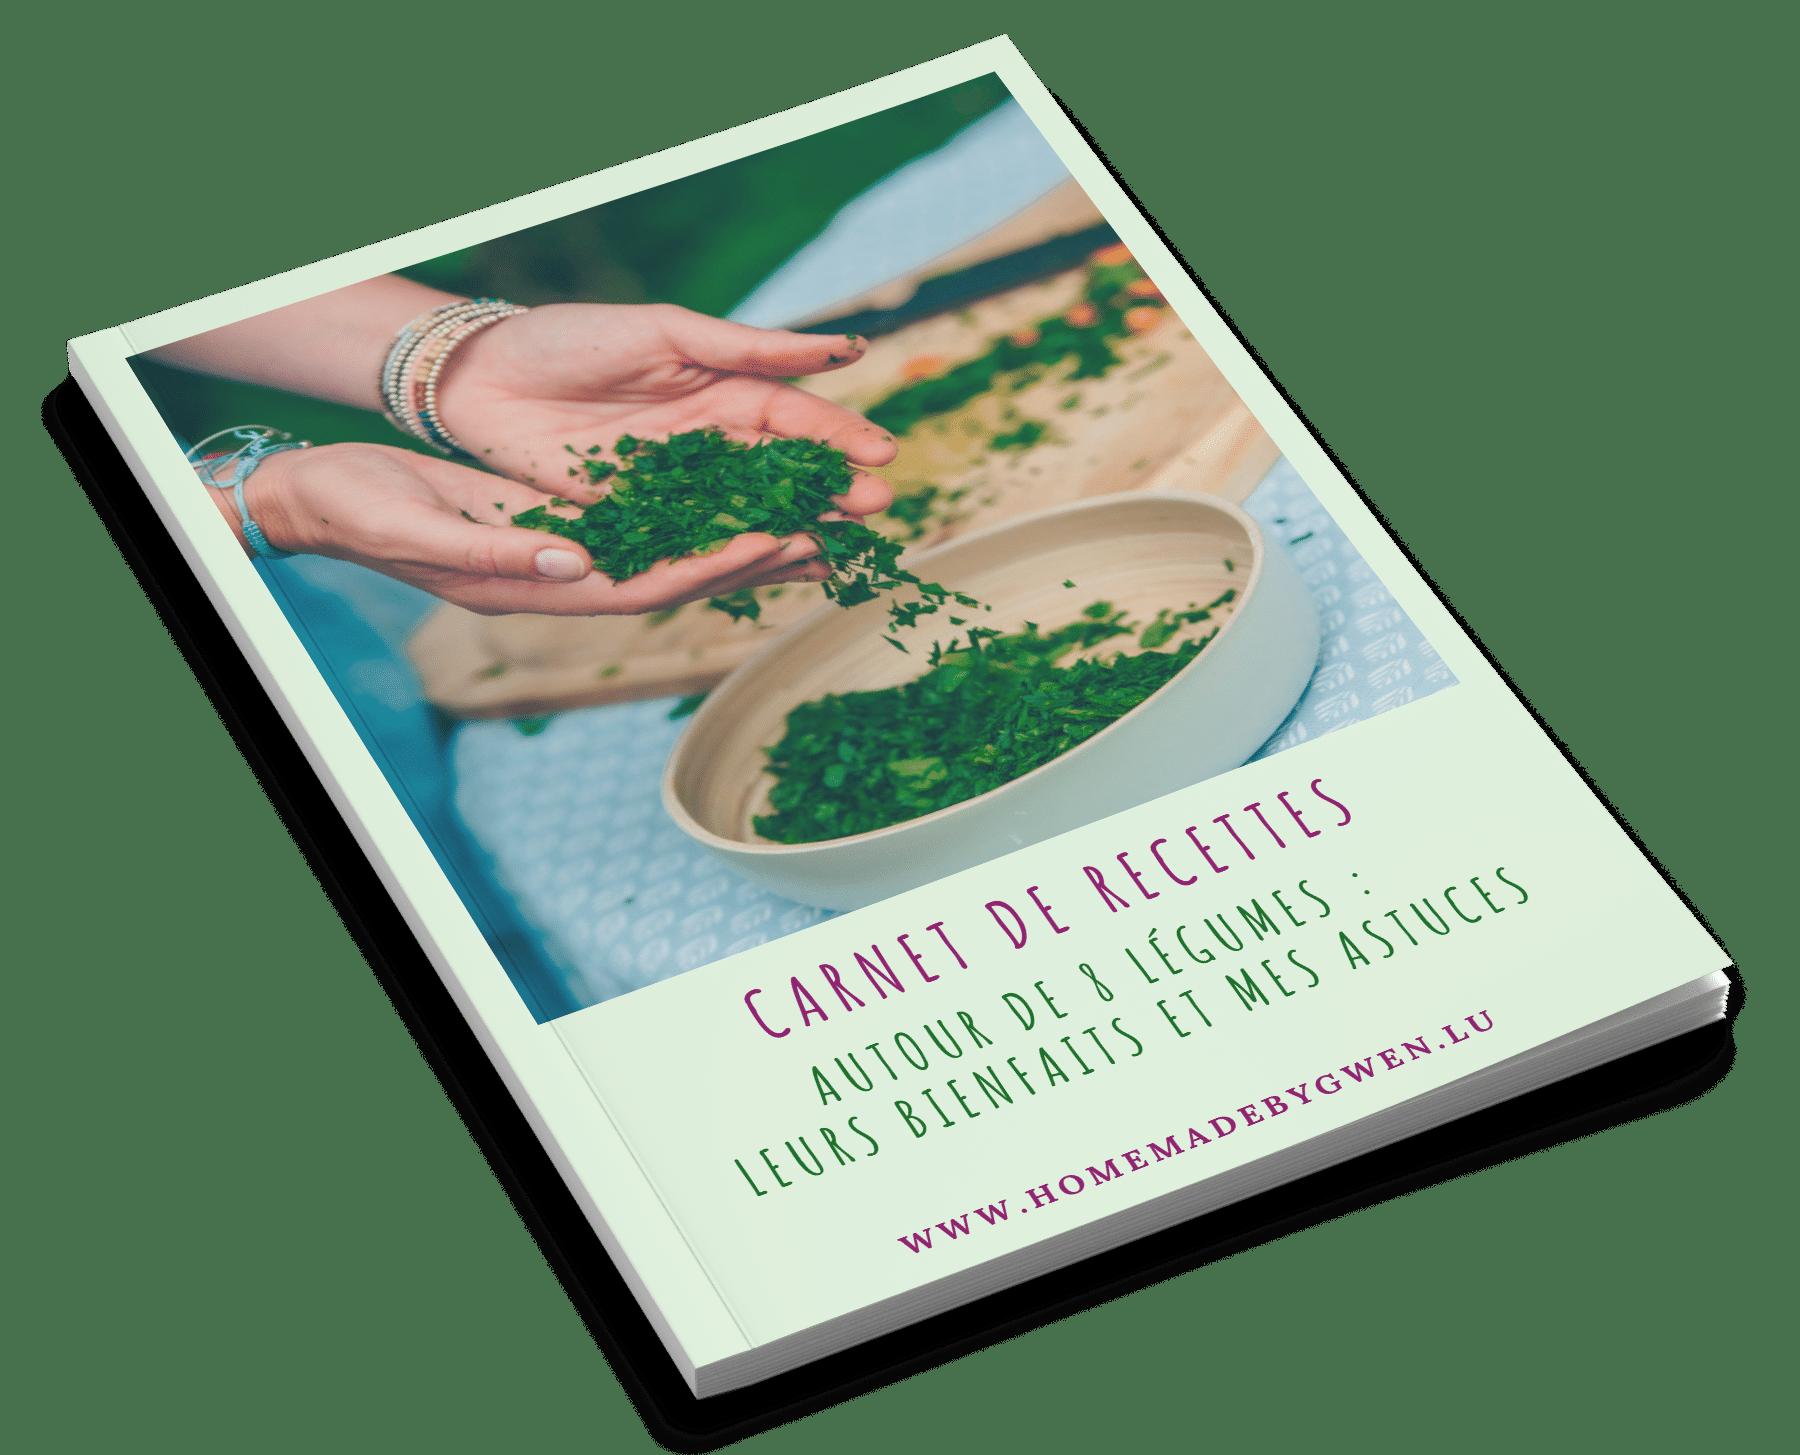 Carnet de recettes Healthy